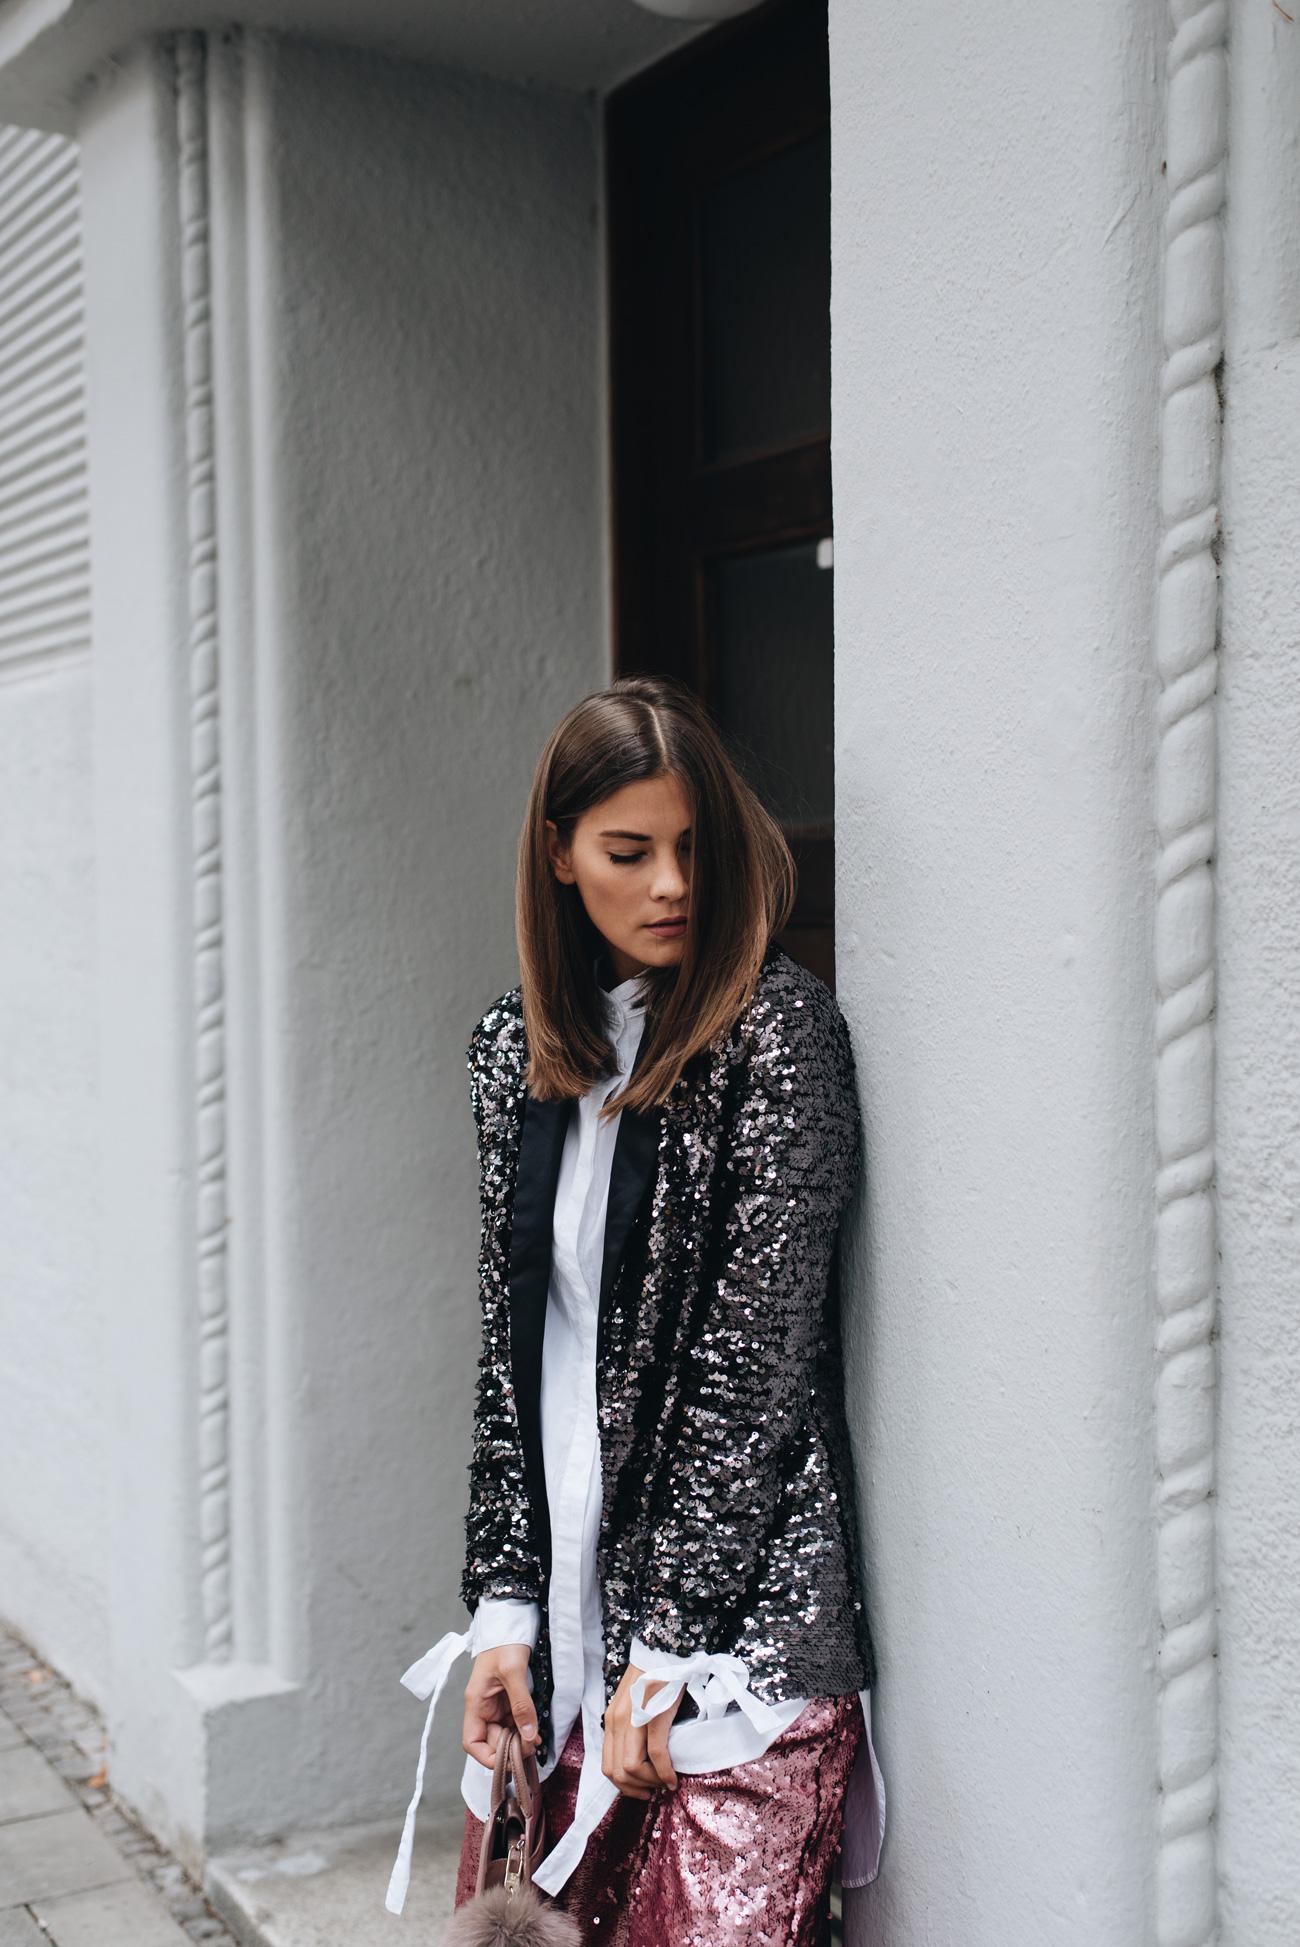 nina-schwichtenberg-mode-bloggerin-pailletten-outfit-trend-2017-nina-schwichtenberg-fashiioncarpet